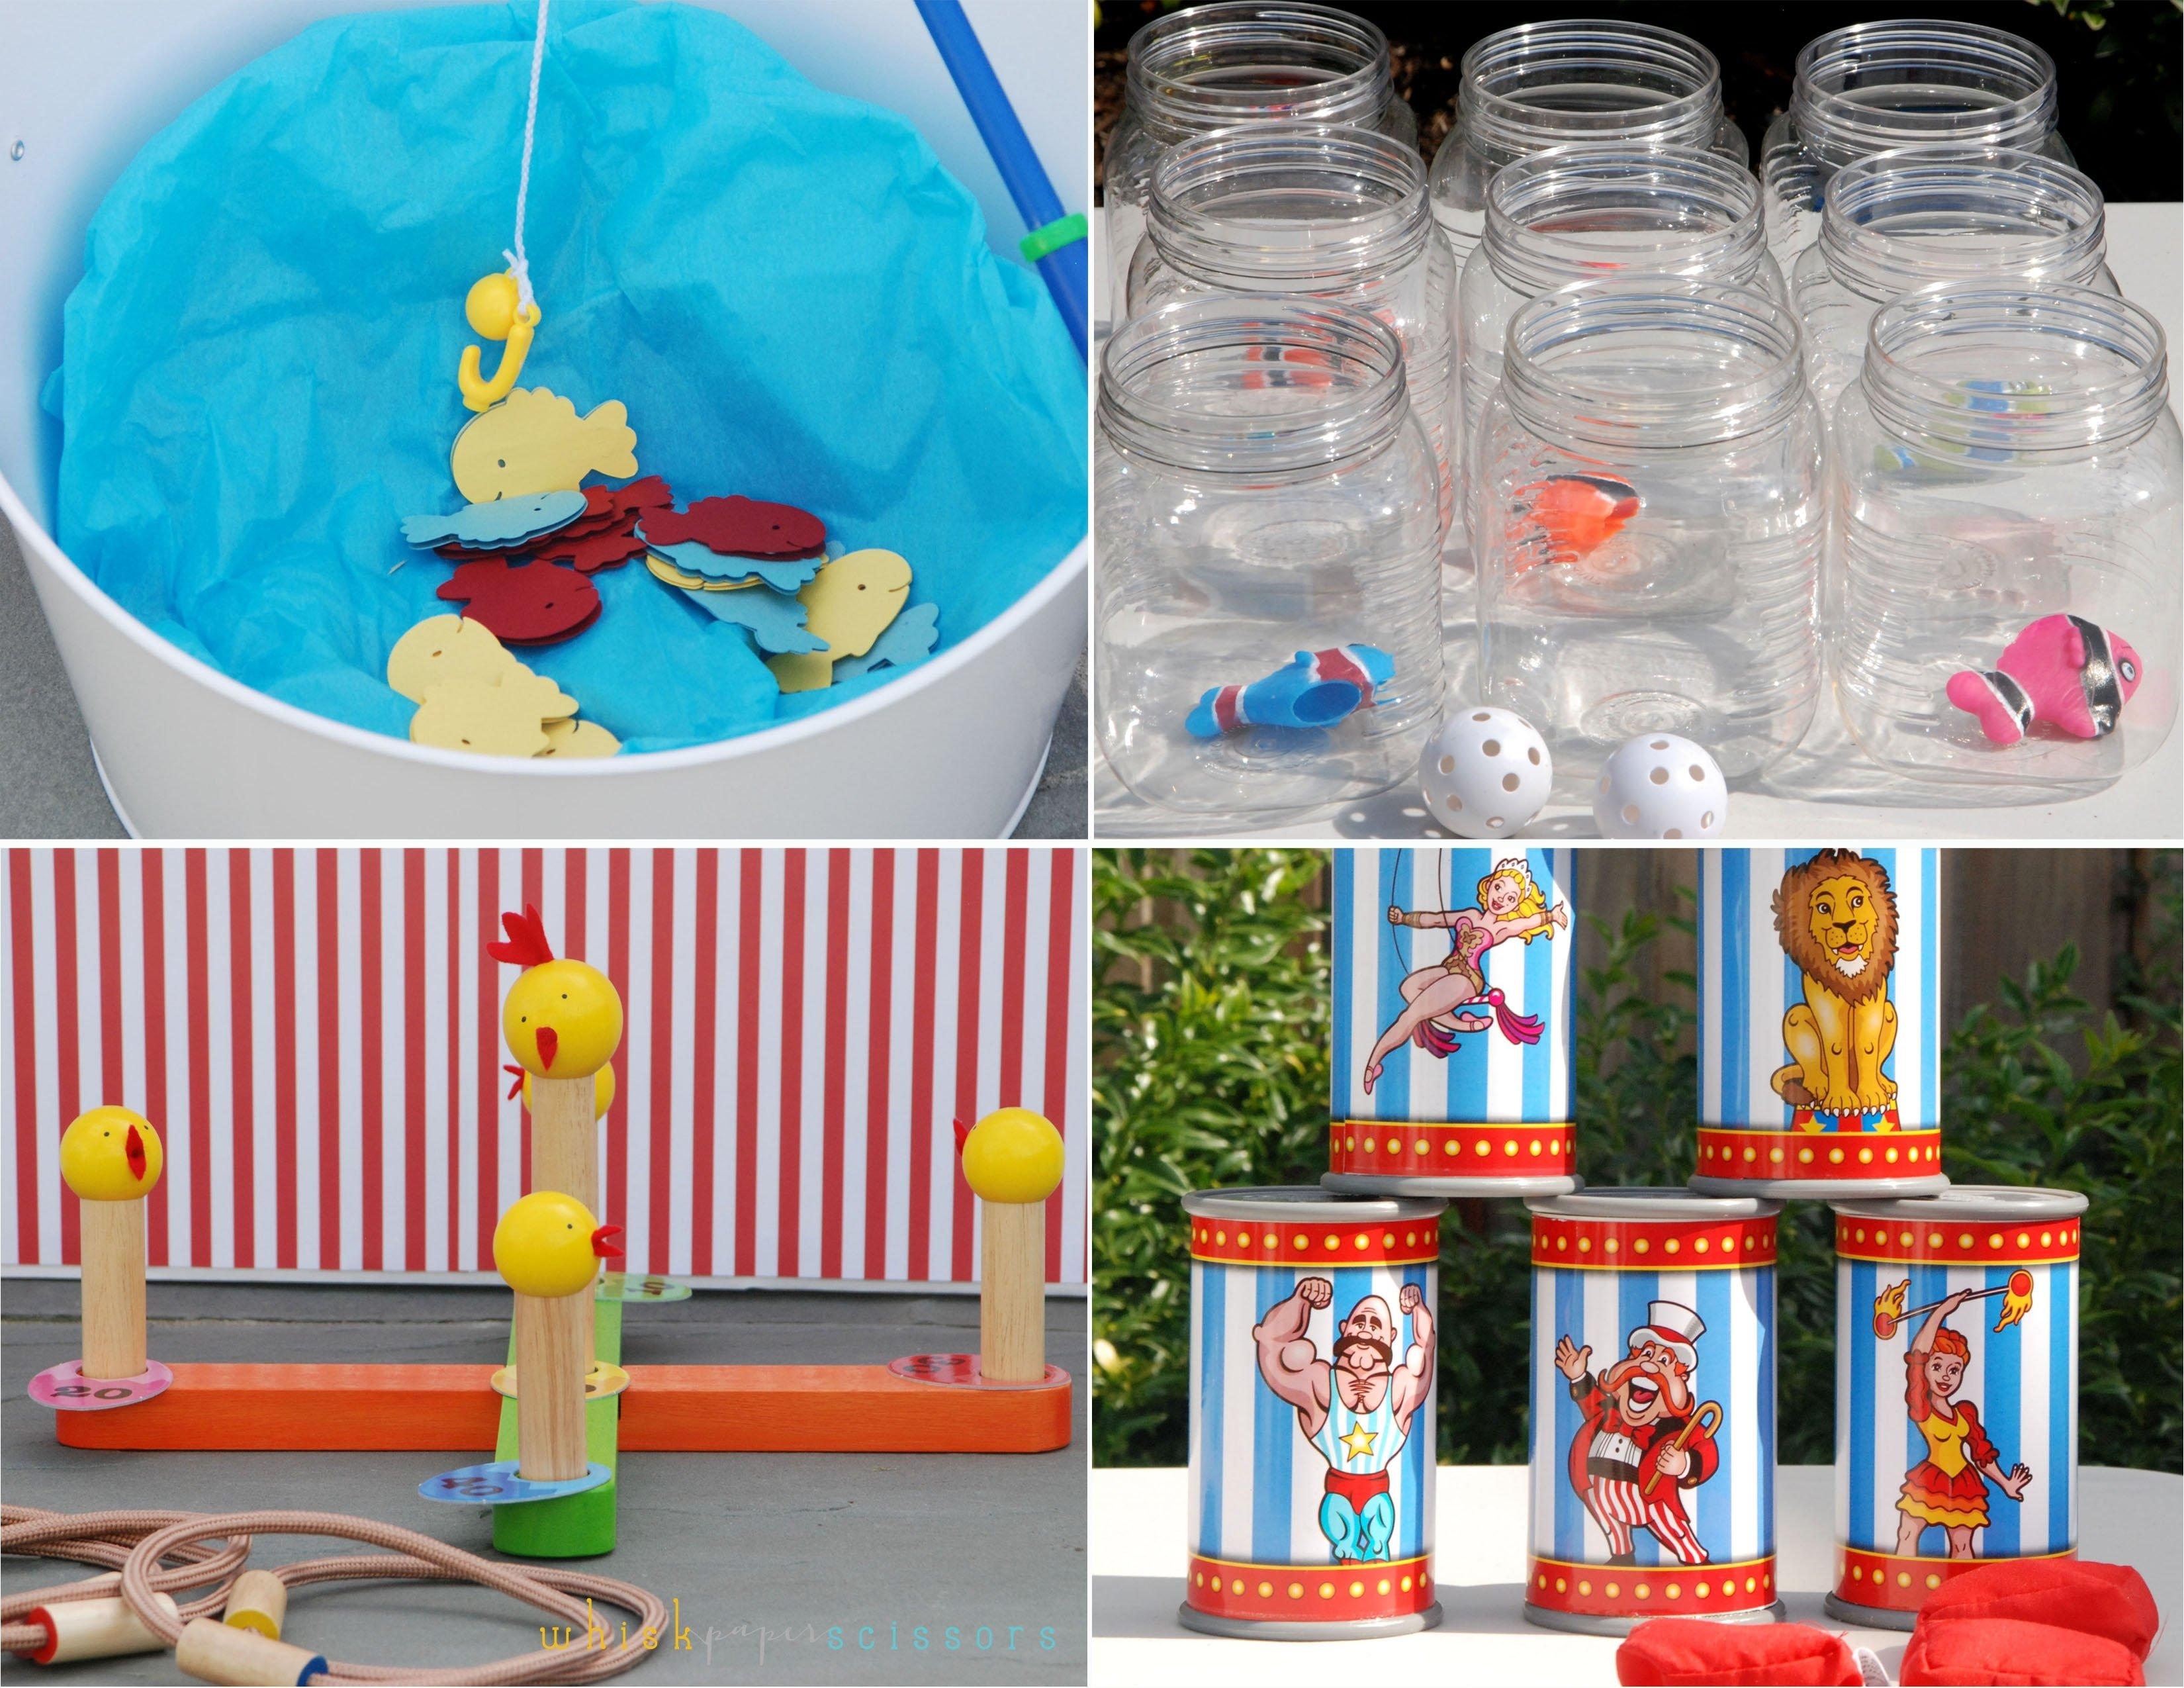 10 Unique Carnival Party Ideas For Kids carnival party part games prizes tierra este 16985 2021